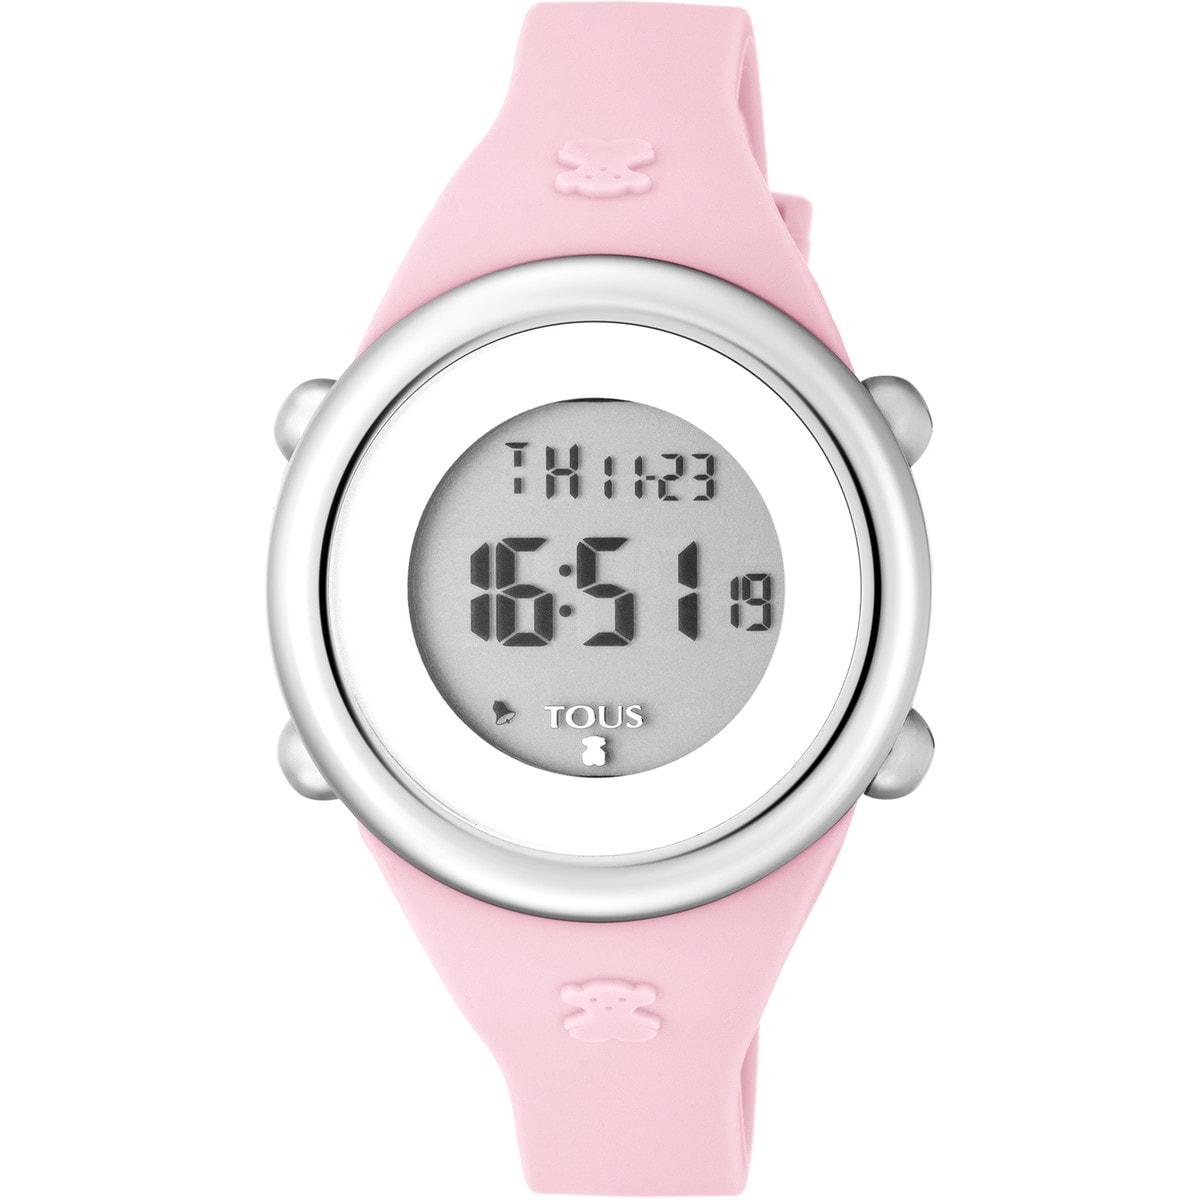 Relógio Soft Digital em Aço com correia de Silicone rosa